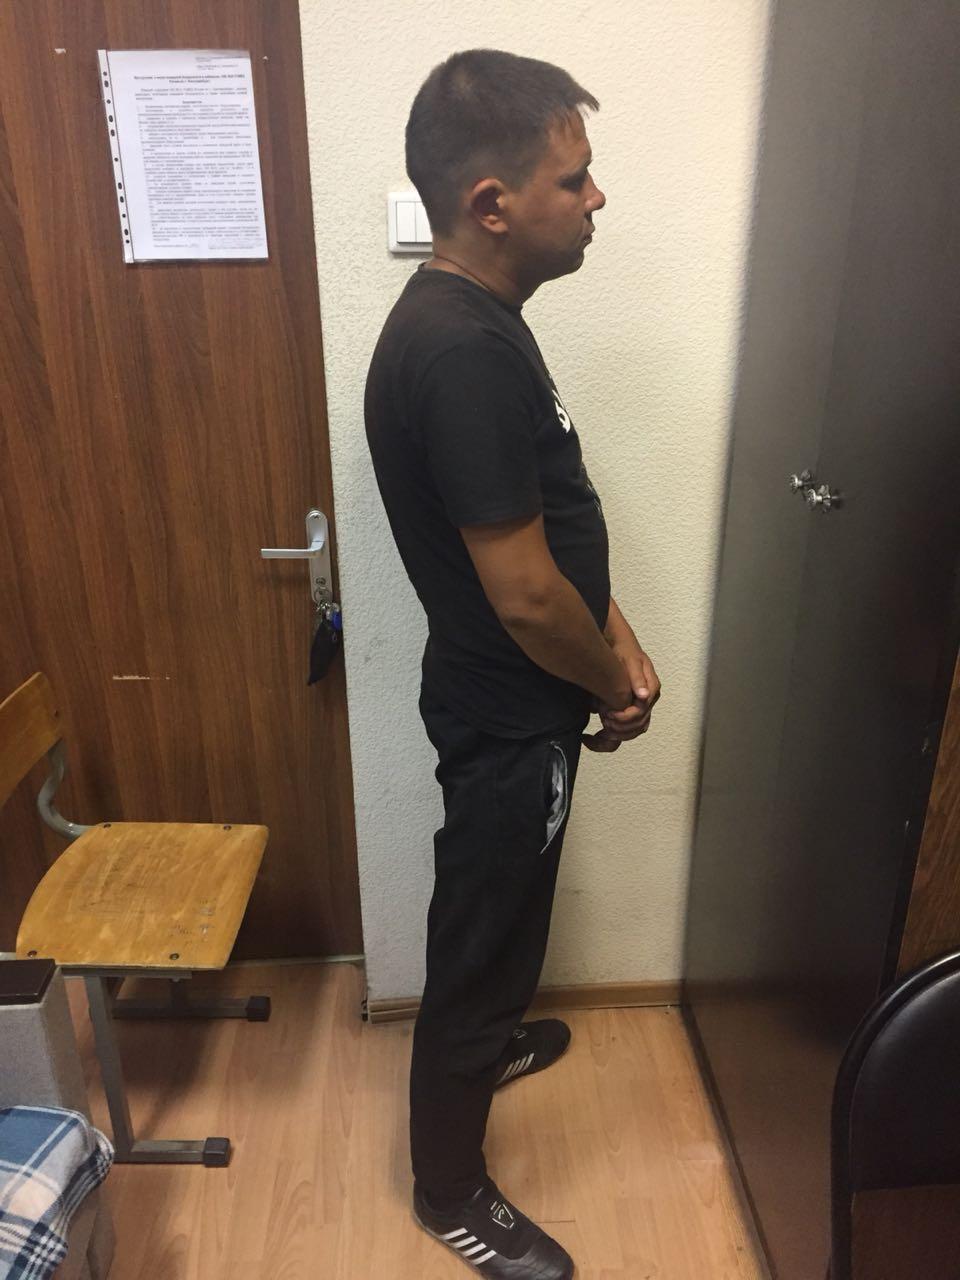 Полиция ищет пострадавших от действий грабителя в Екатеринбурге (ФОТО)